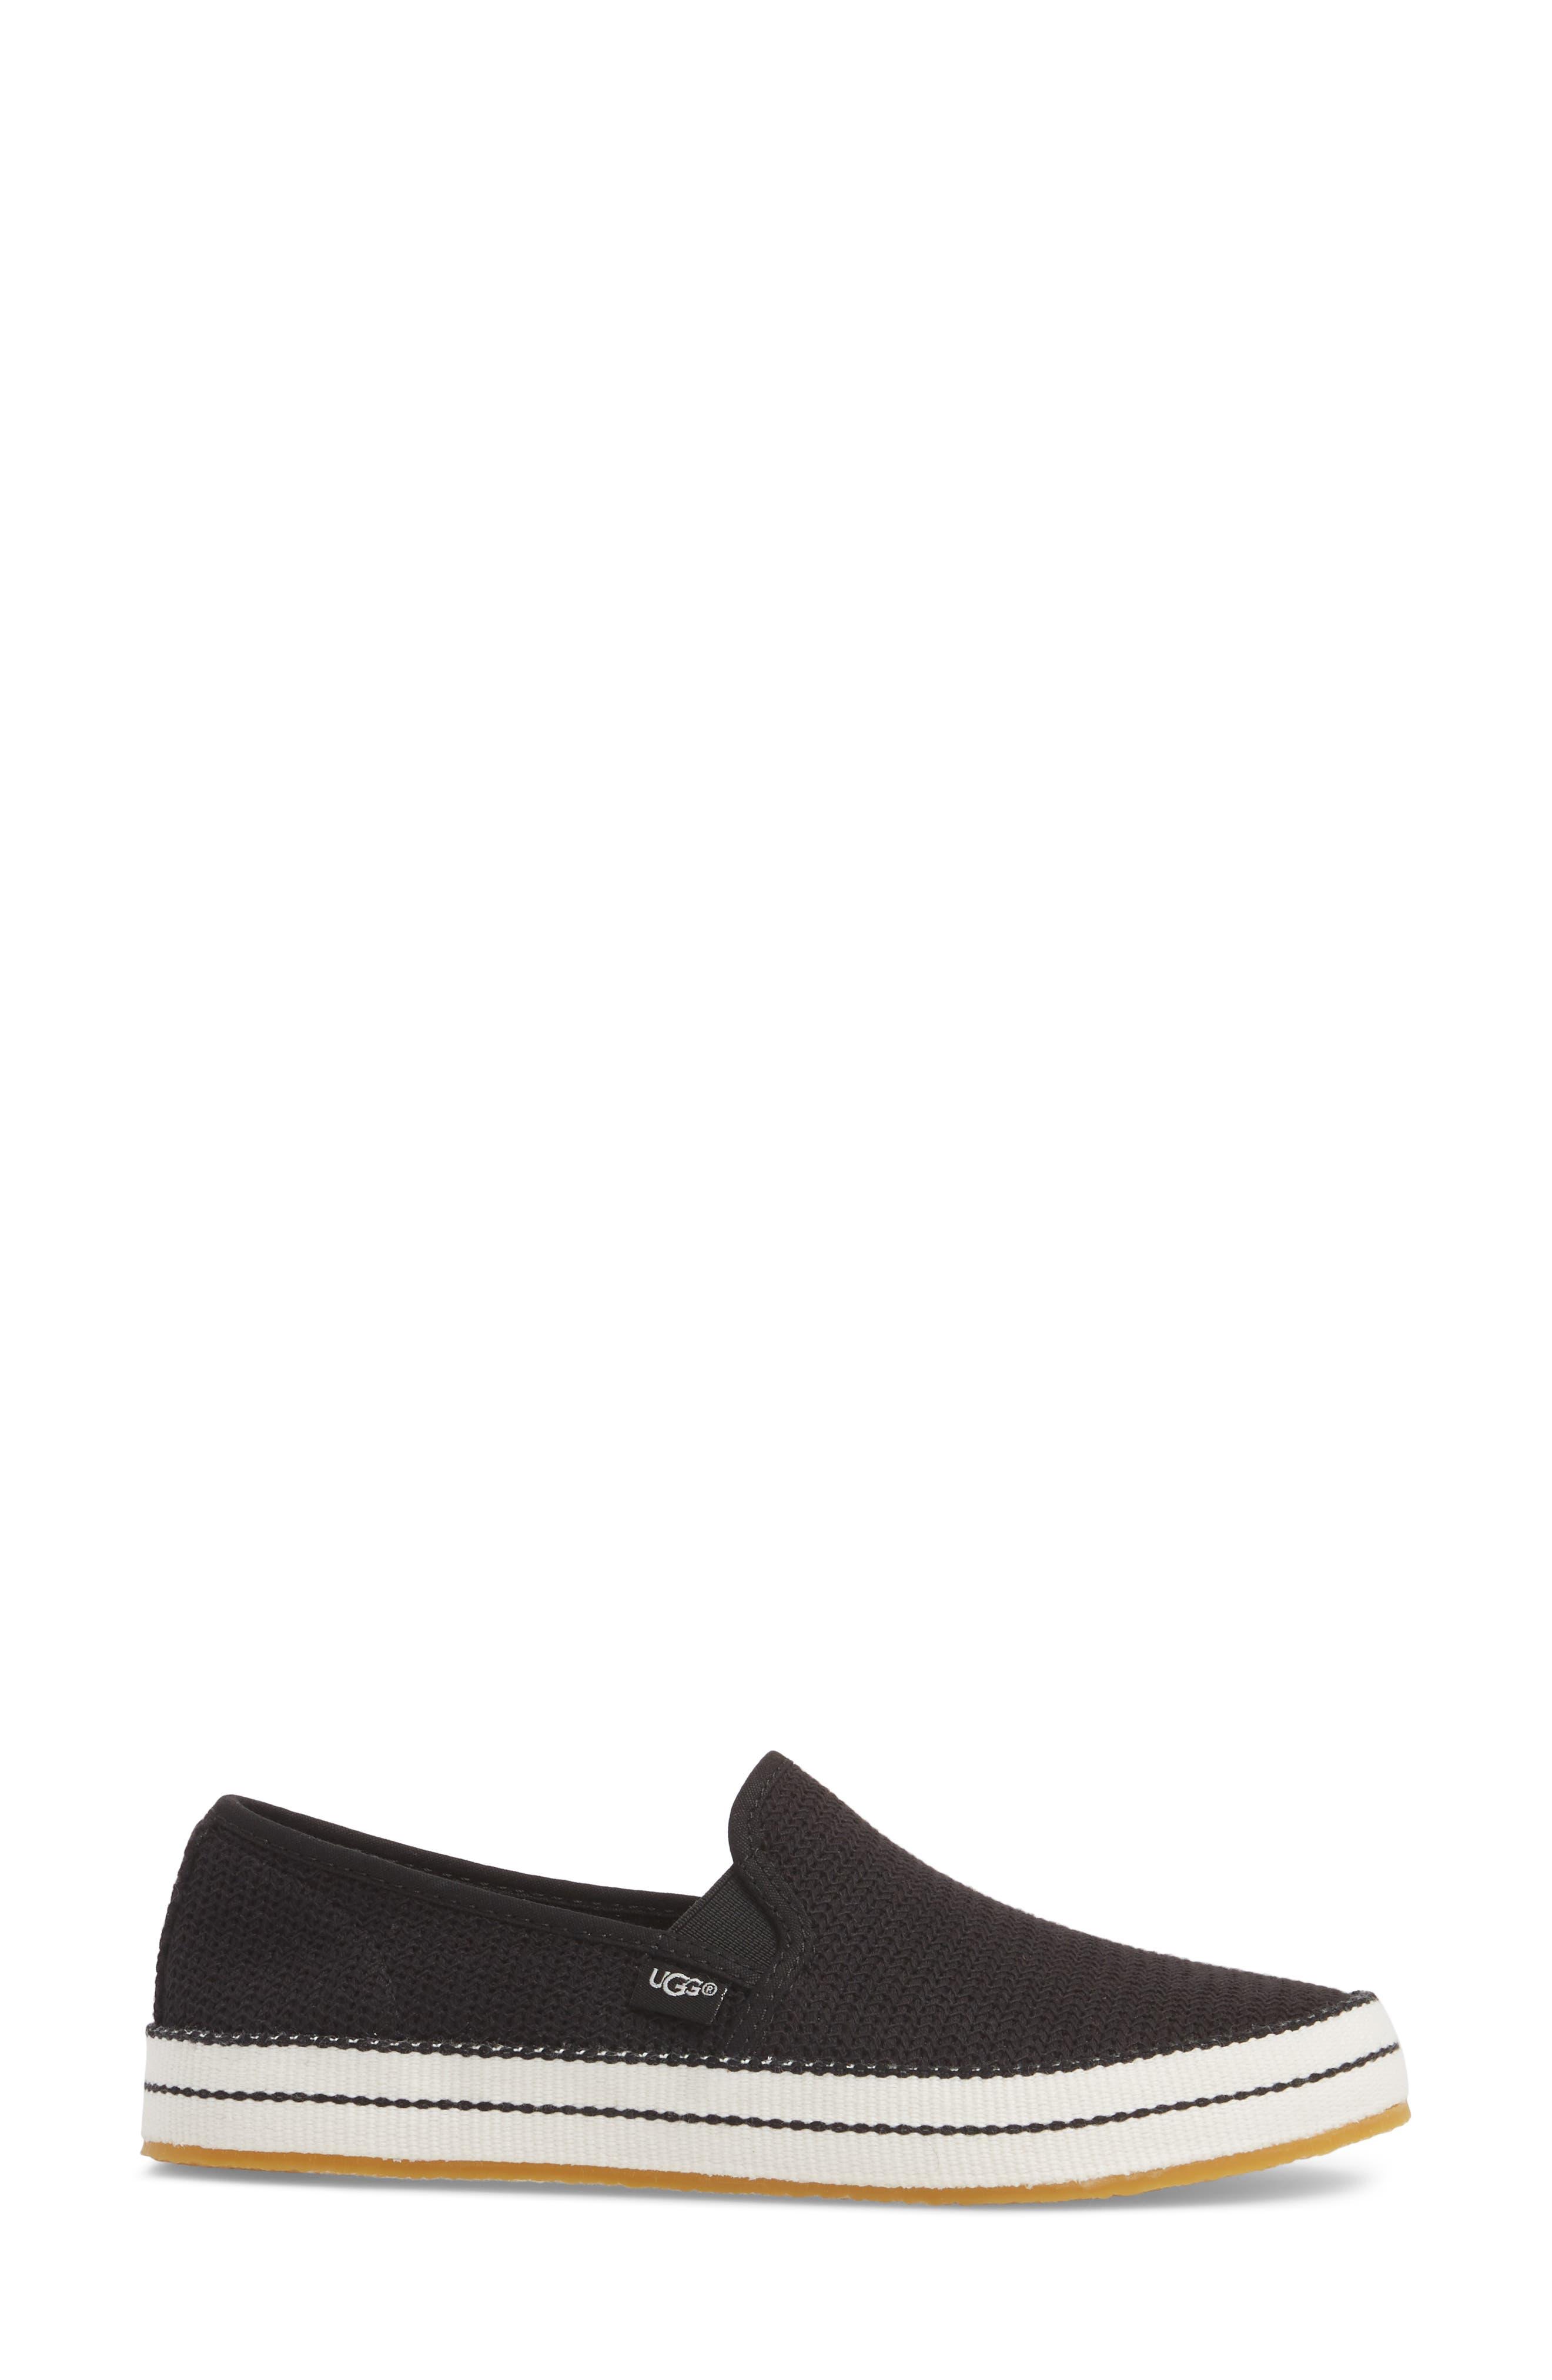 UGG<SUP>®</SUP>, Bren Slip-On Sneaker, Alternate thumbnail 3, color, BLACK